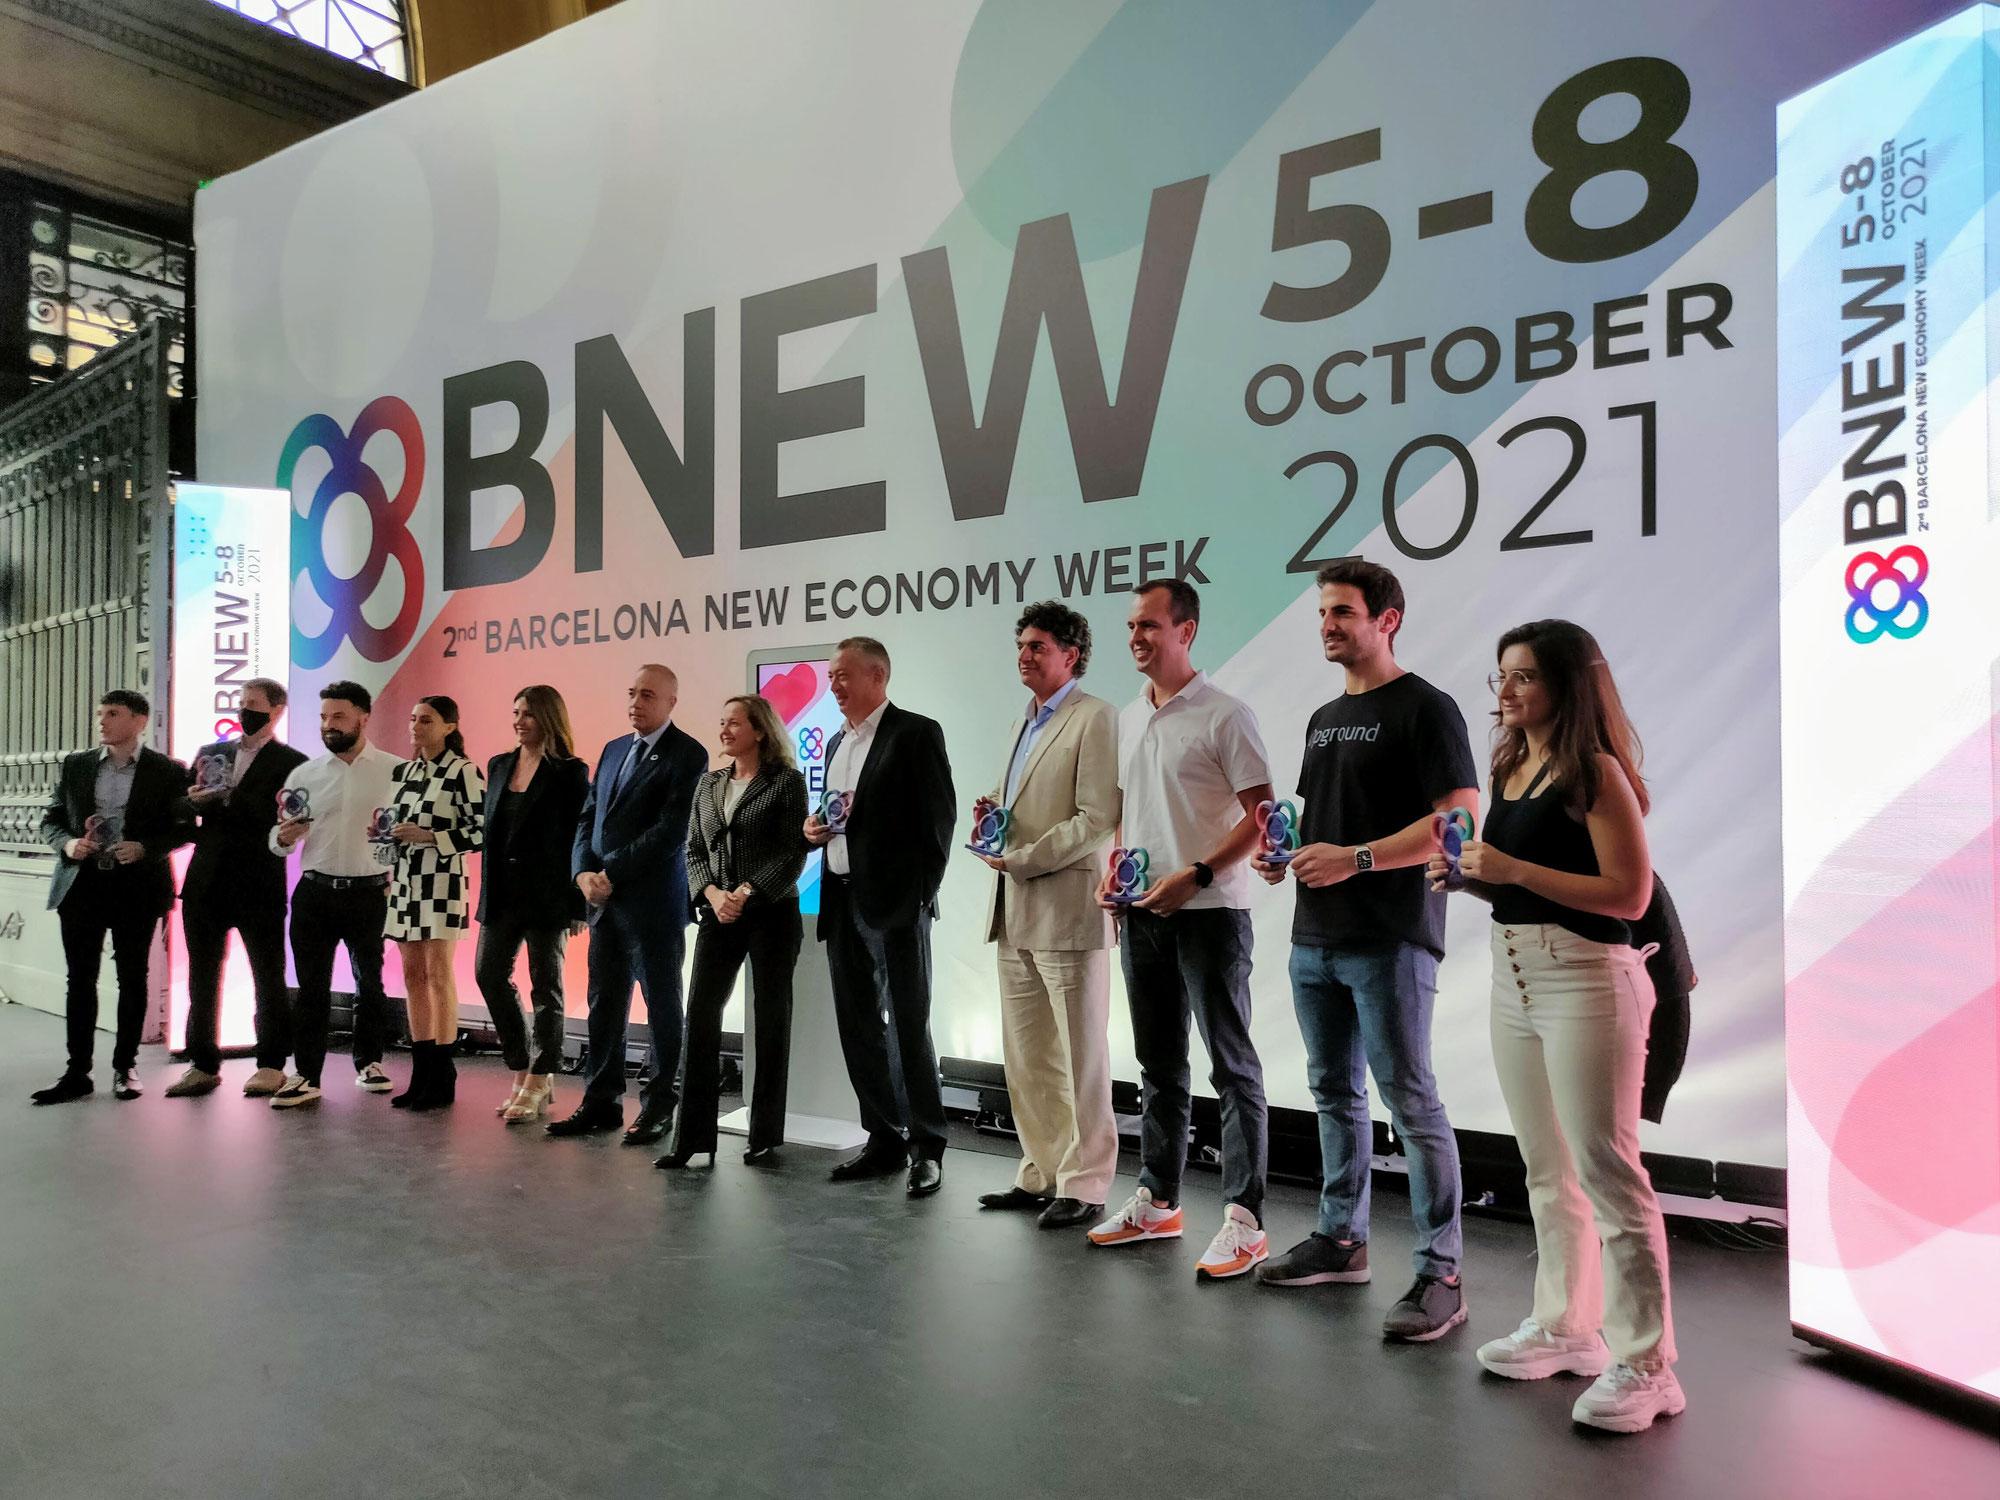 Estas son las 9 mejores Startups de BNEW 2021